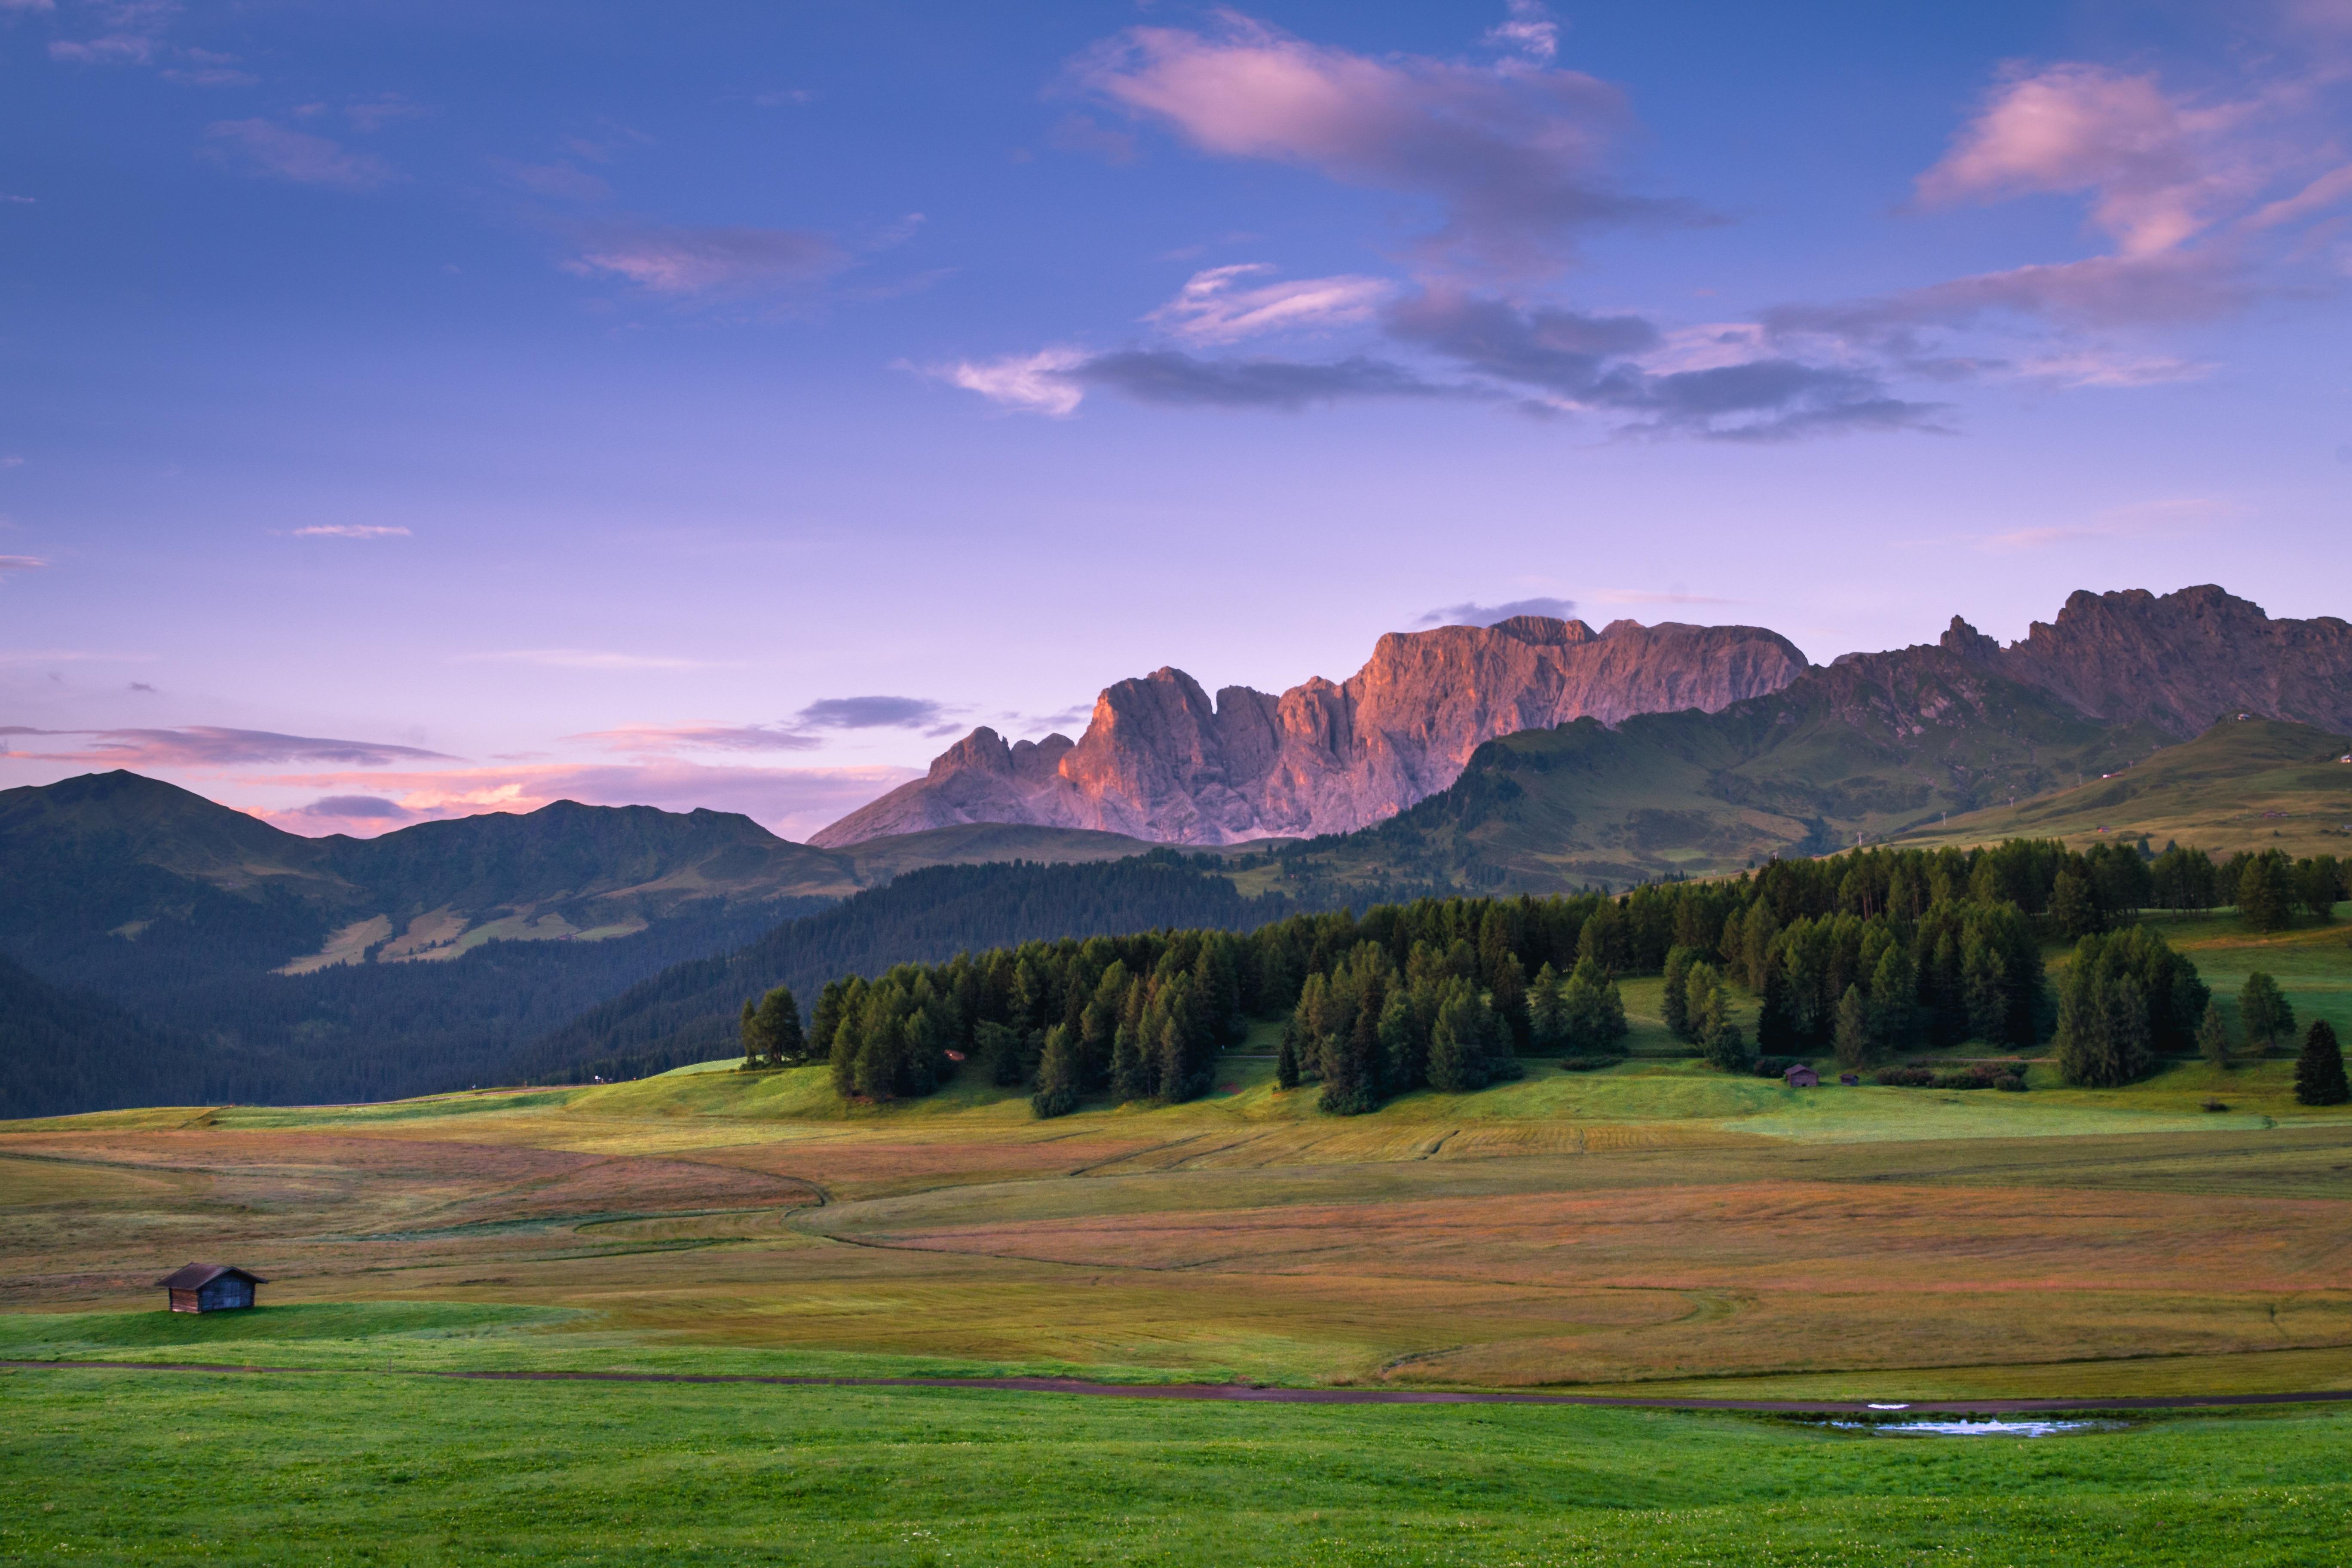 равнины и горы фотографии смешно играют